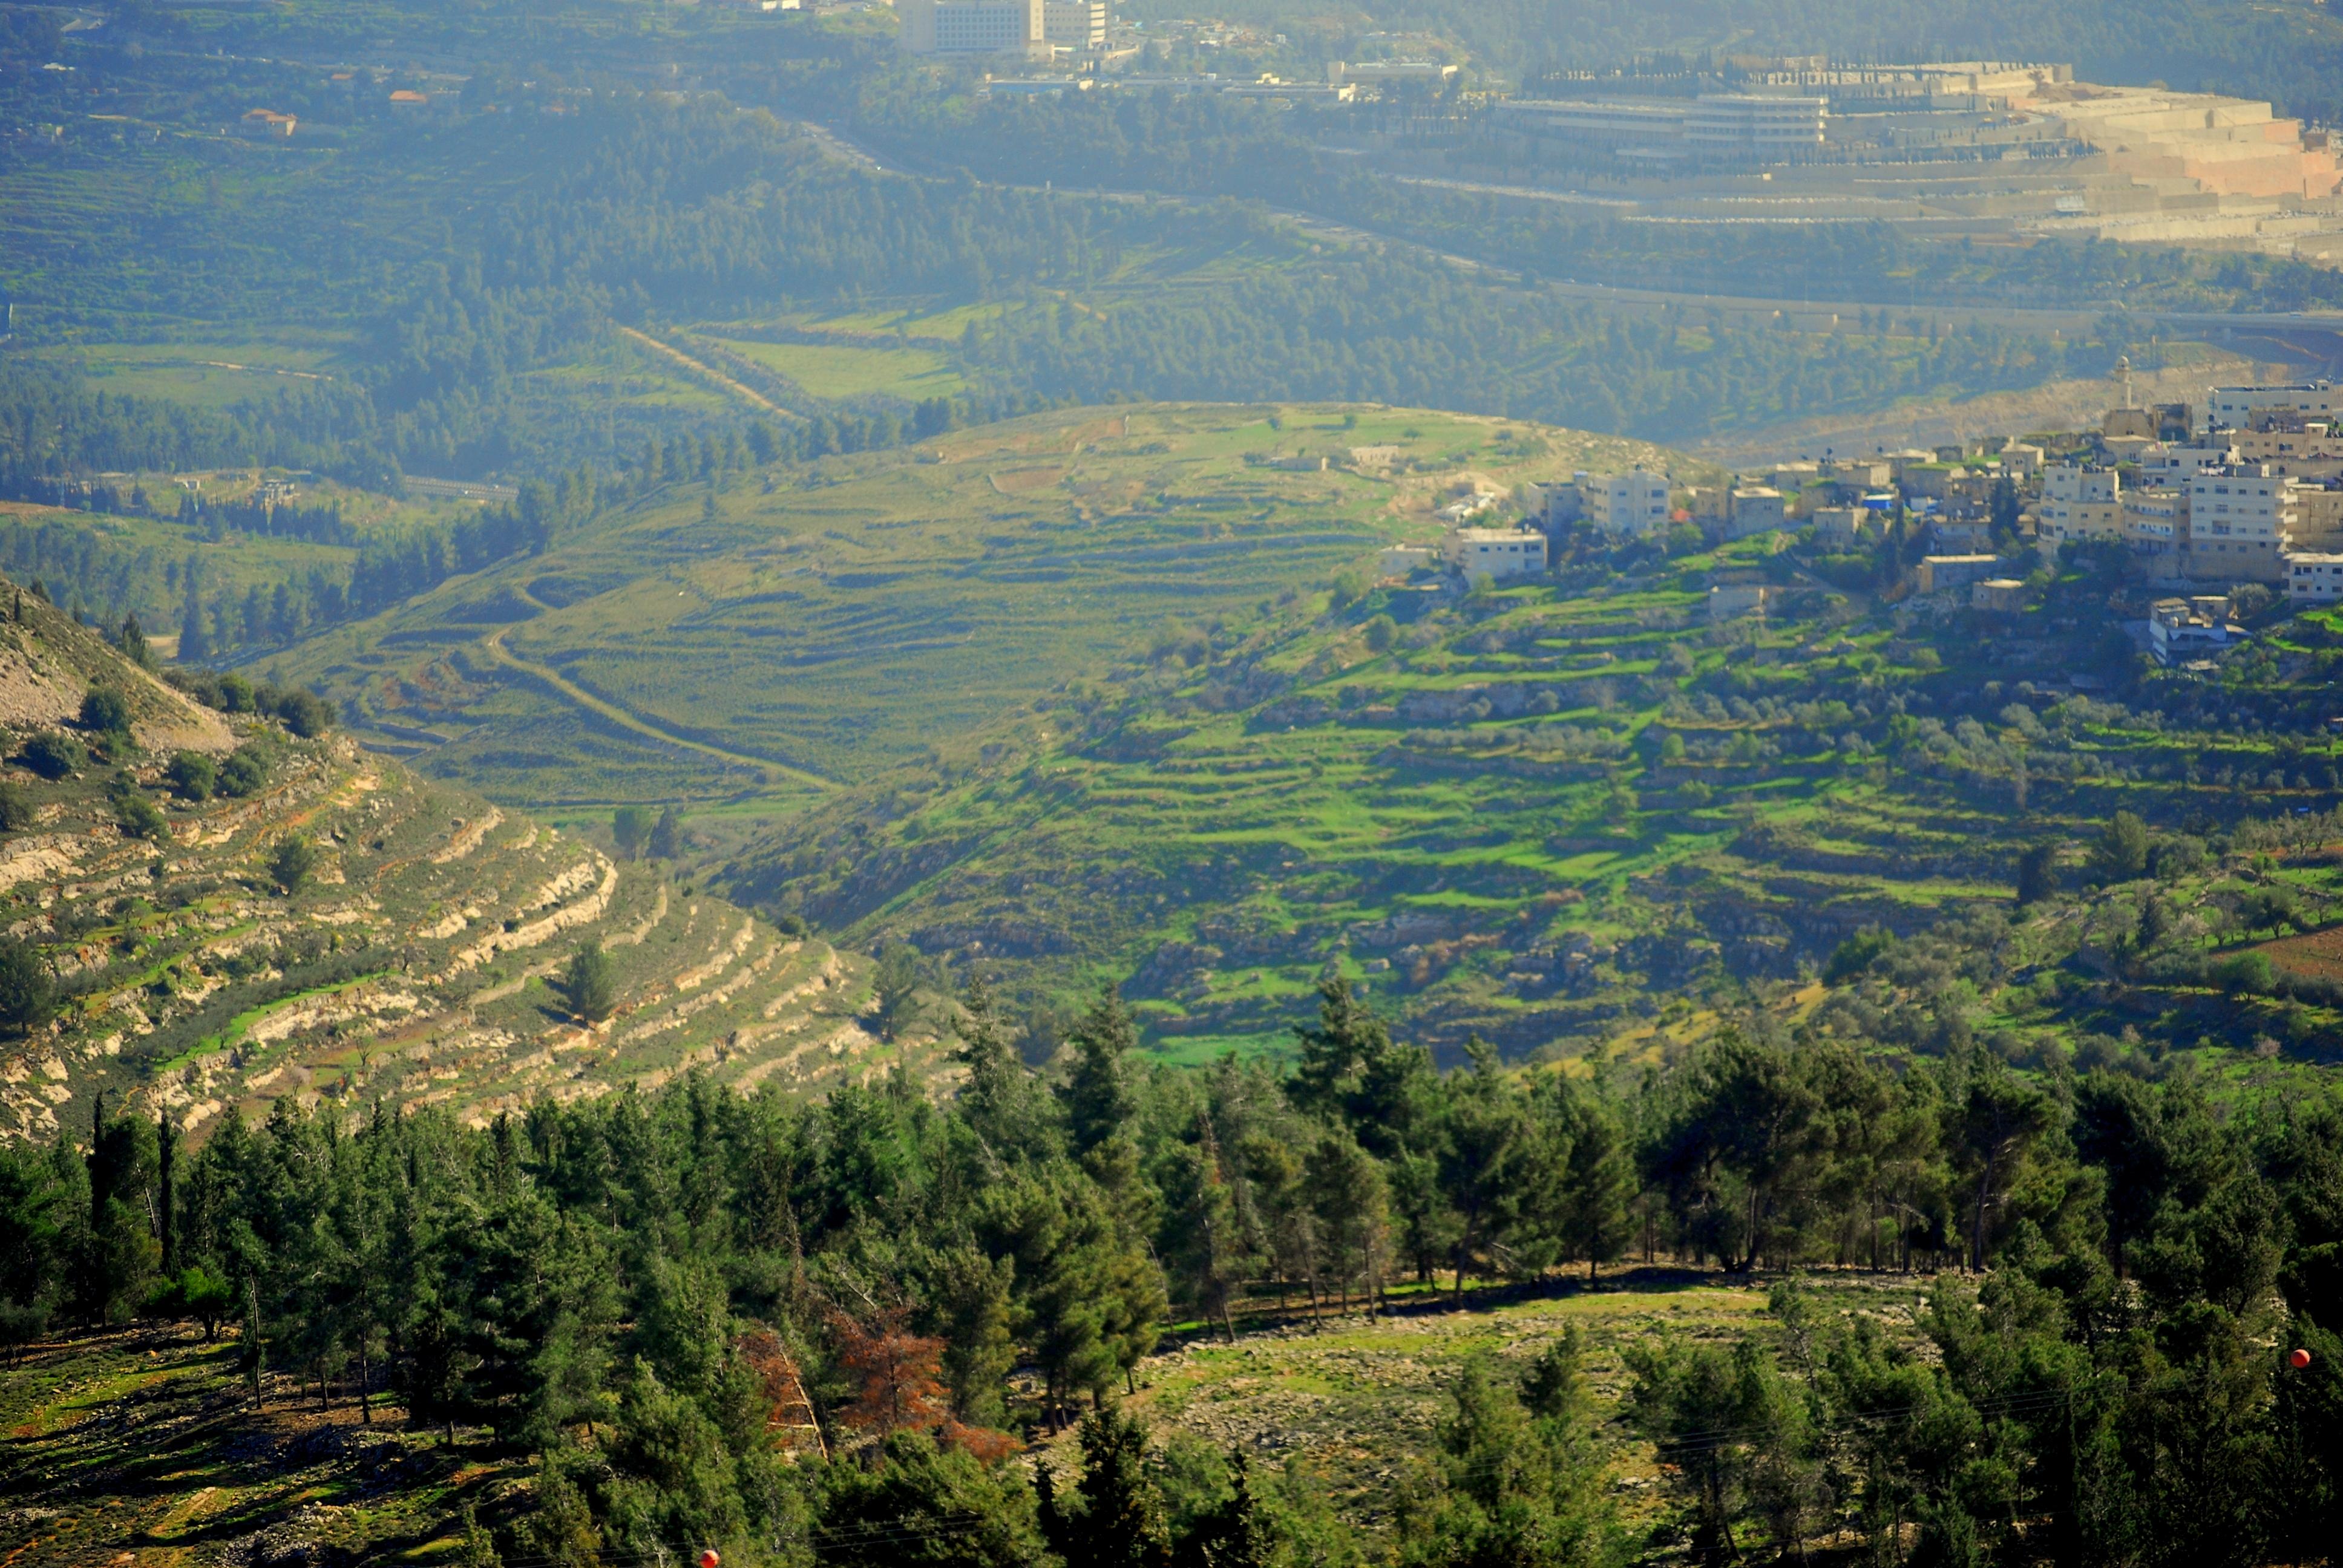 上图:便雅悯的基比亚,这里是以色列第一个王扫罗的家乡。